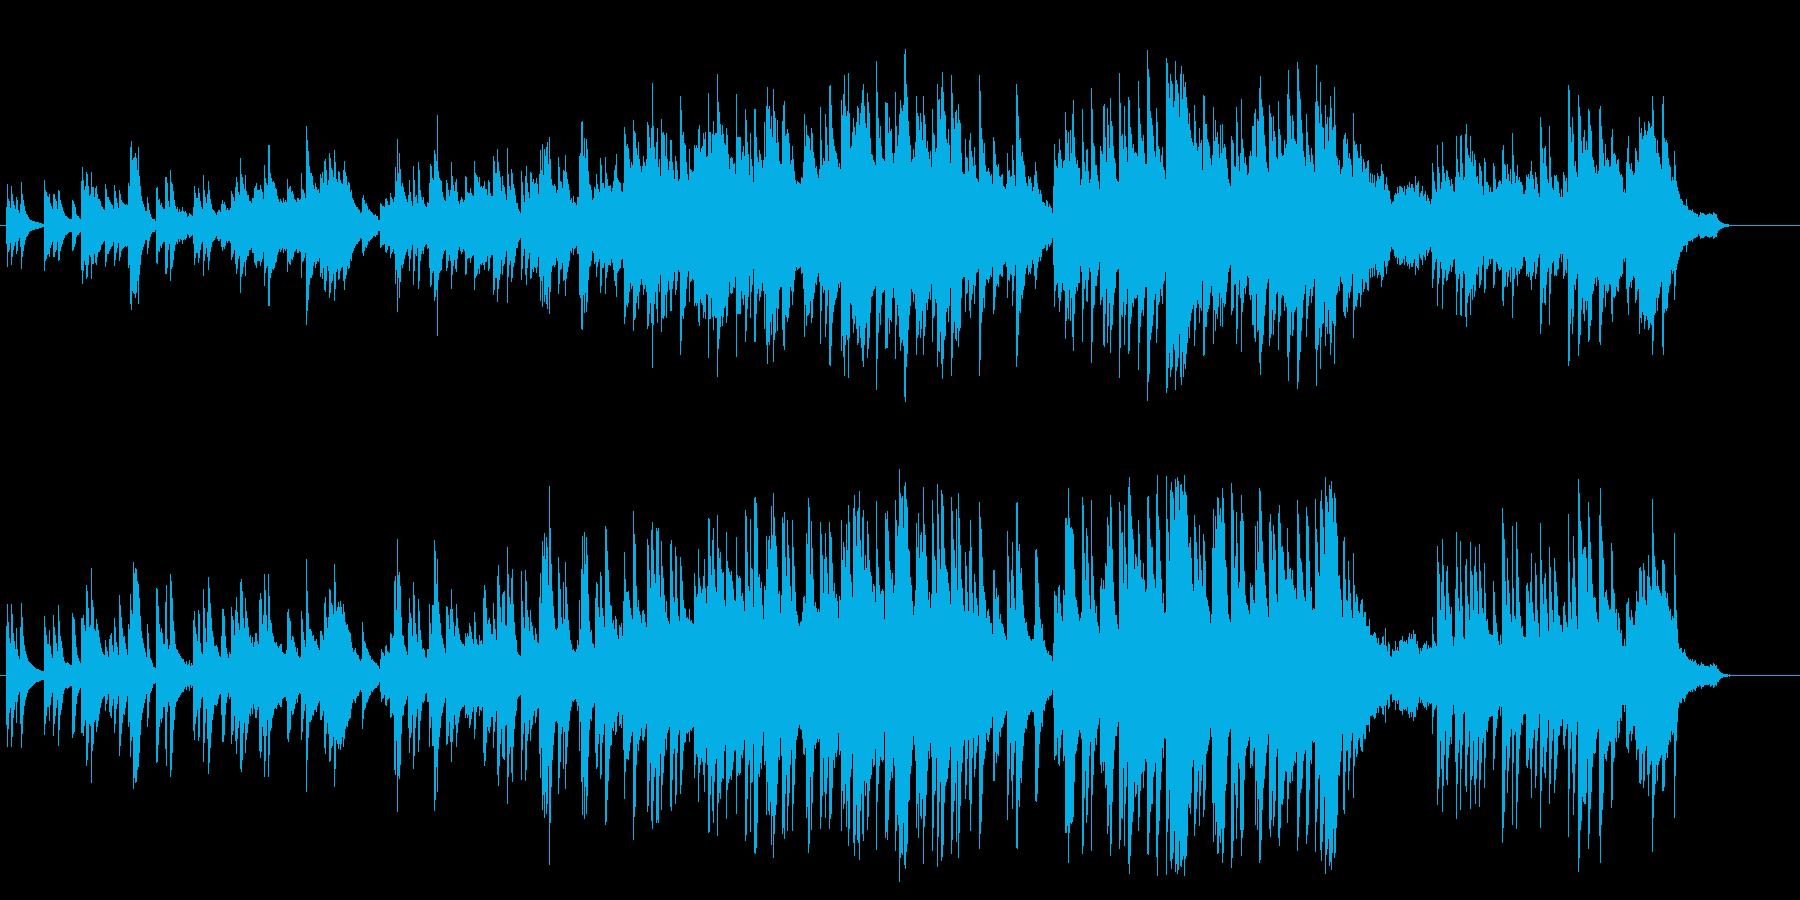 別れの切なさを描いた上品なピアノBGMの再生済みの波形